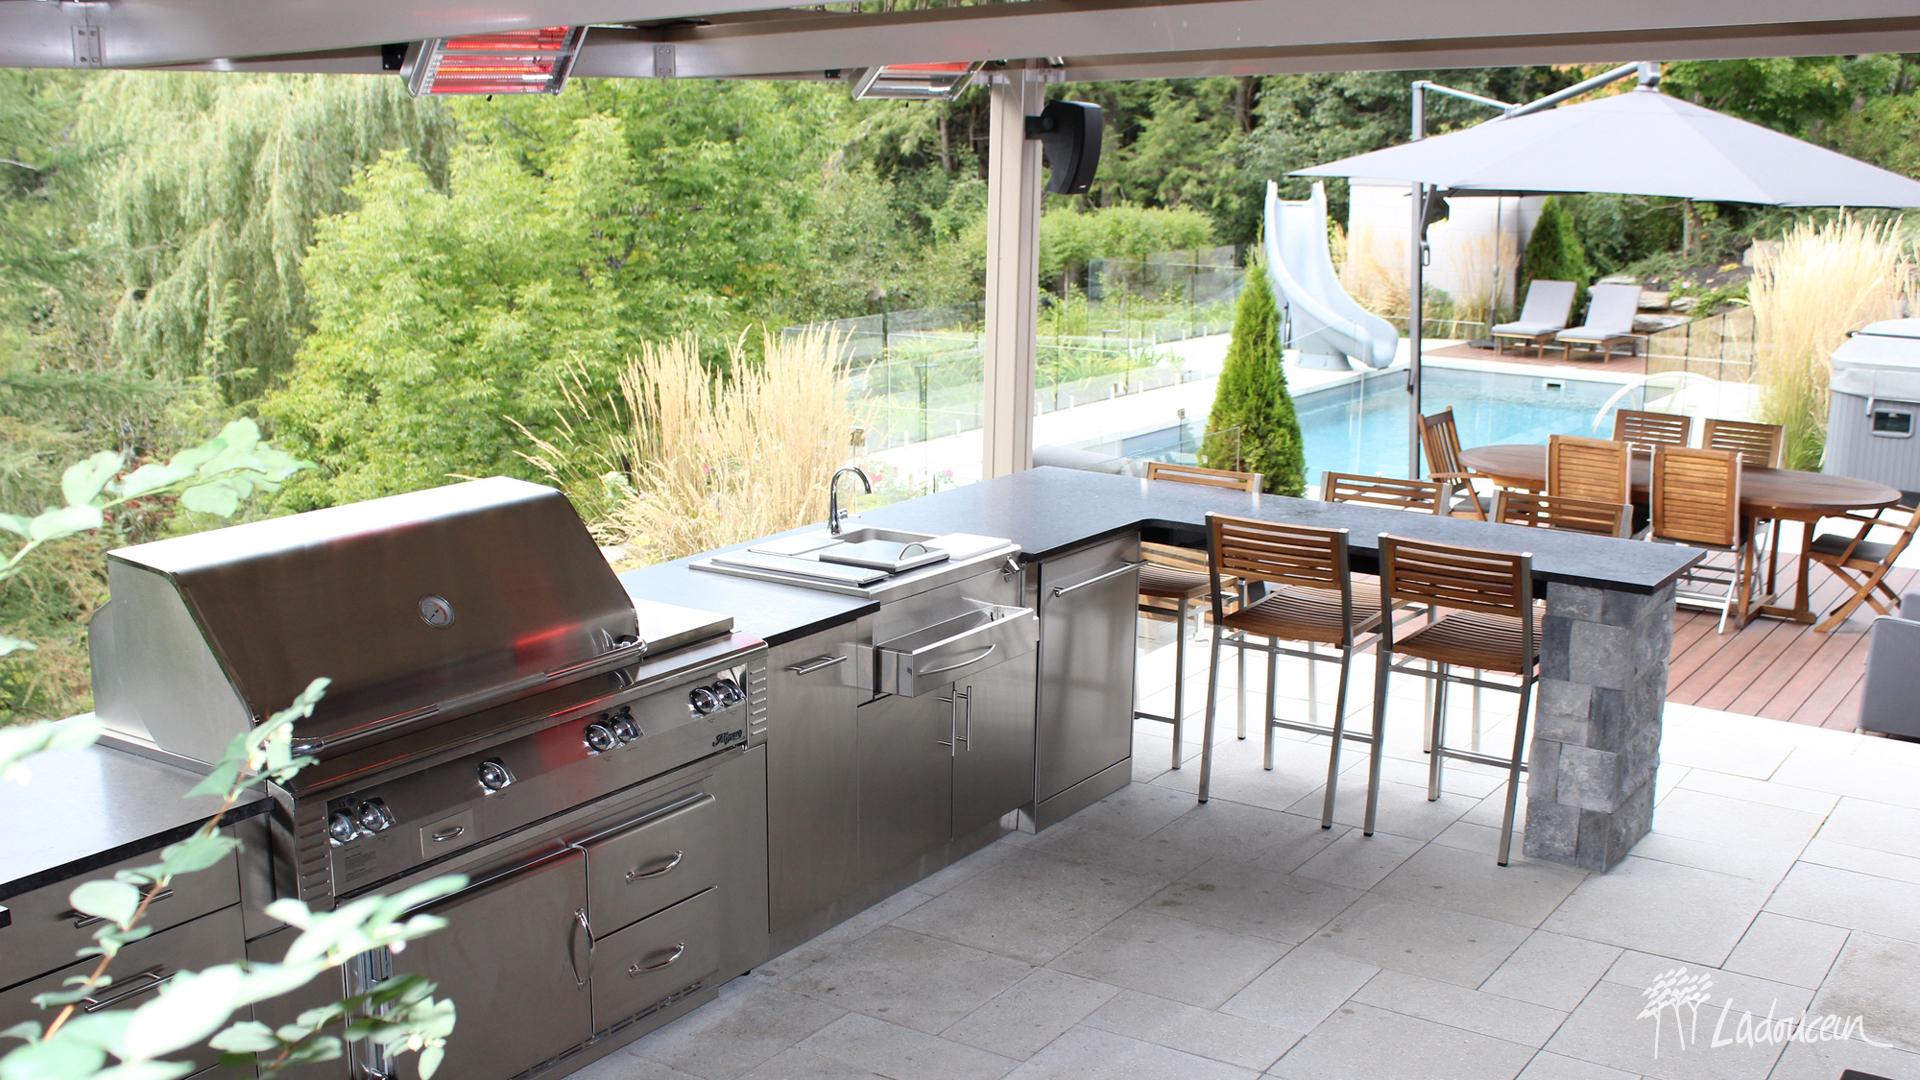 Cuisine extérieure dotée d'un comptoir en granite. Aménagement de la cour-arrière, pergola SunLouvre et chauffe-terrasse